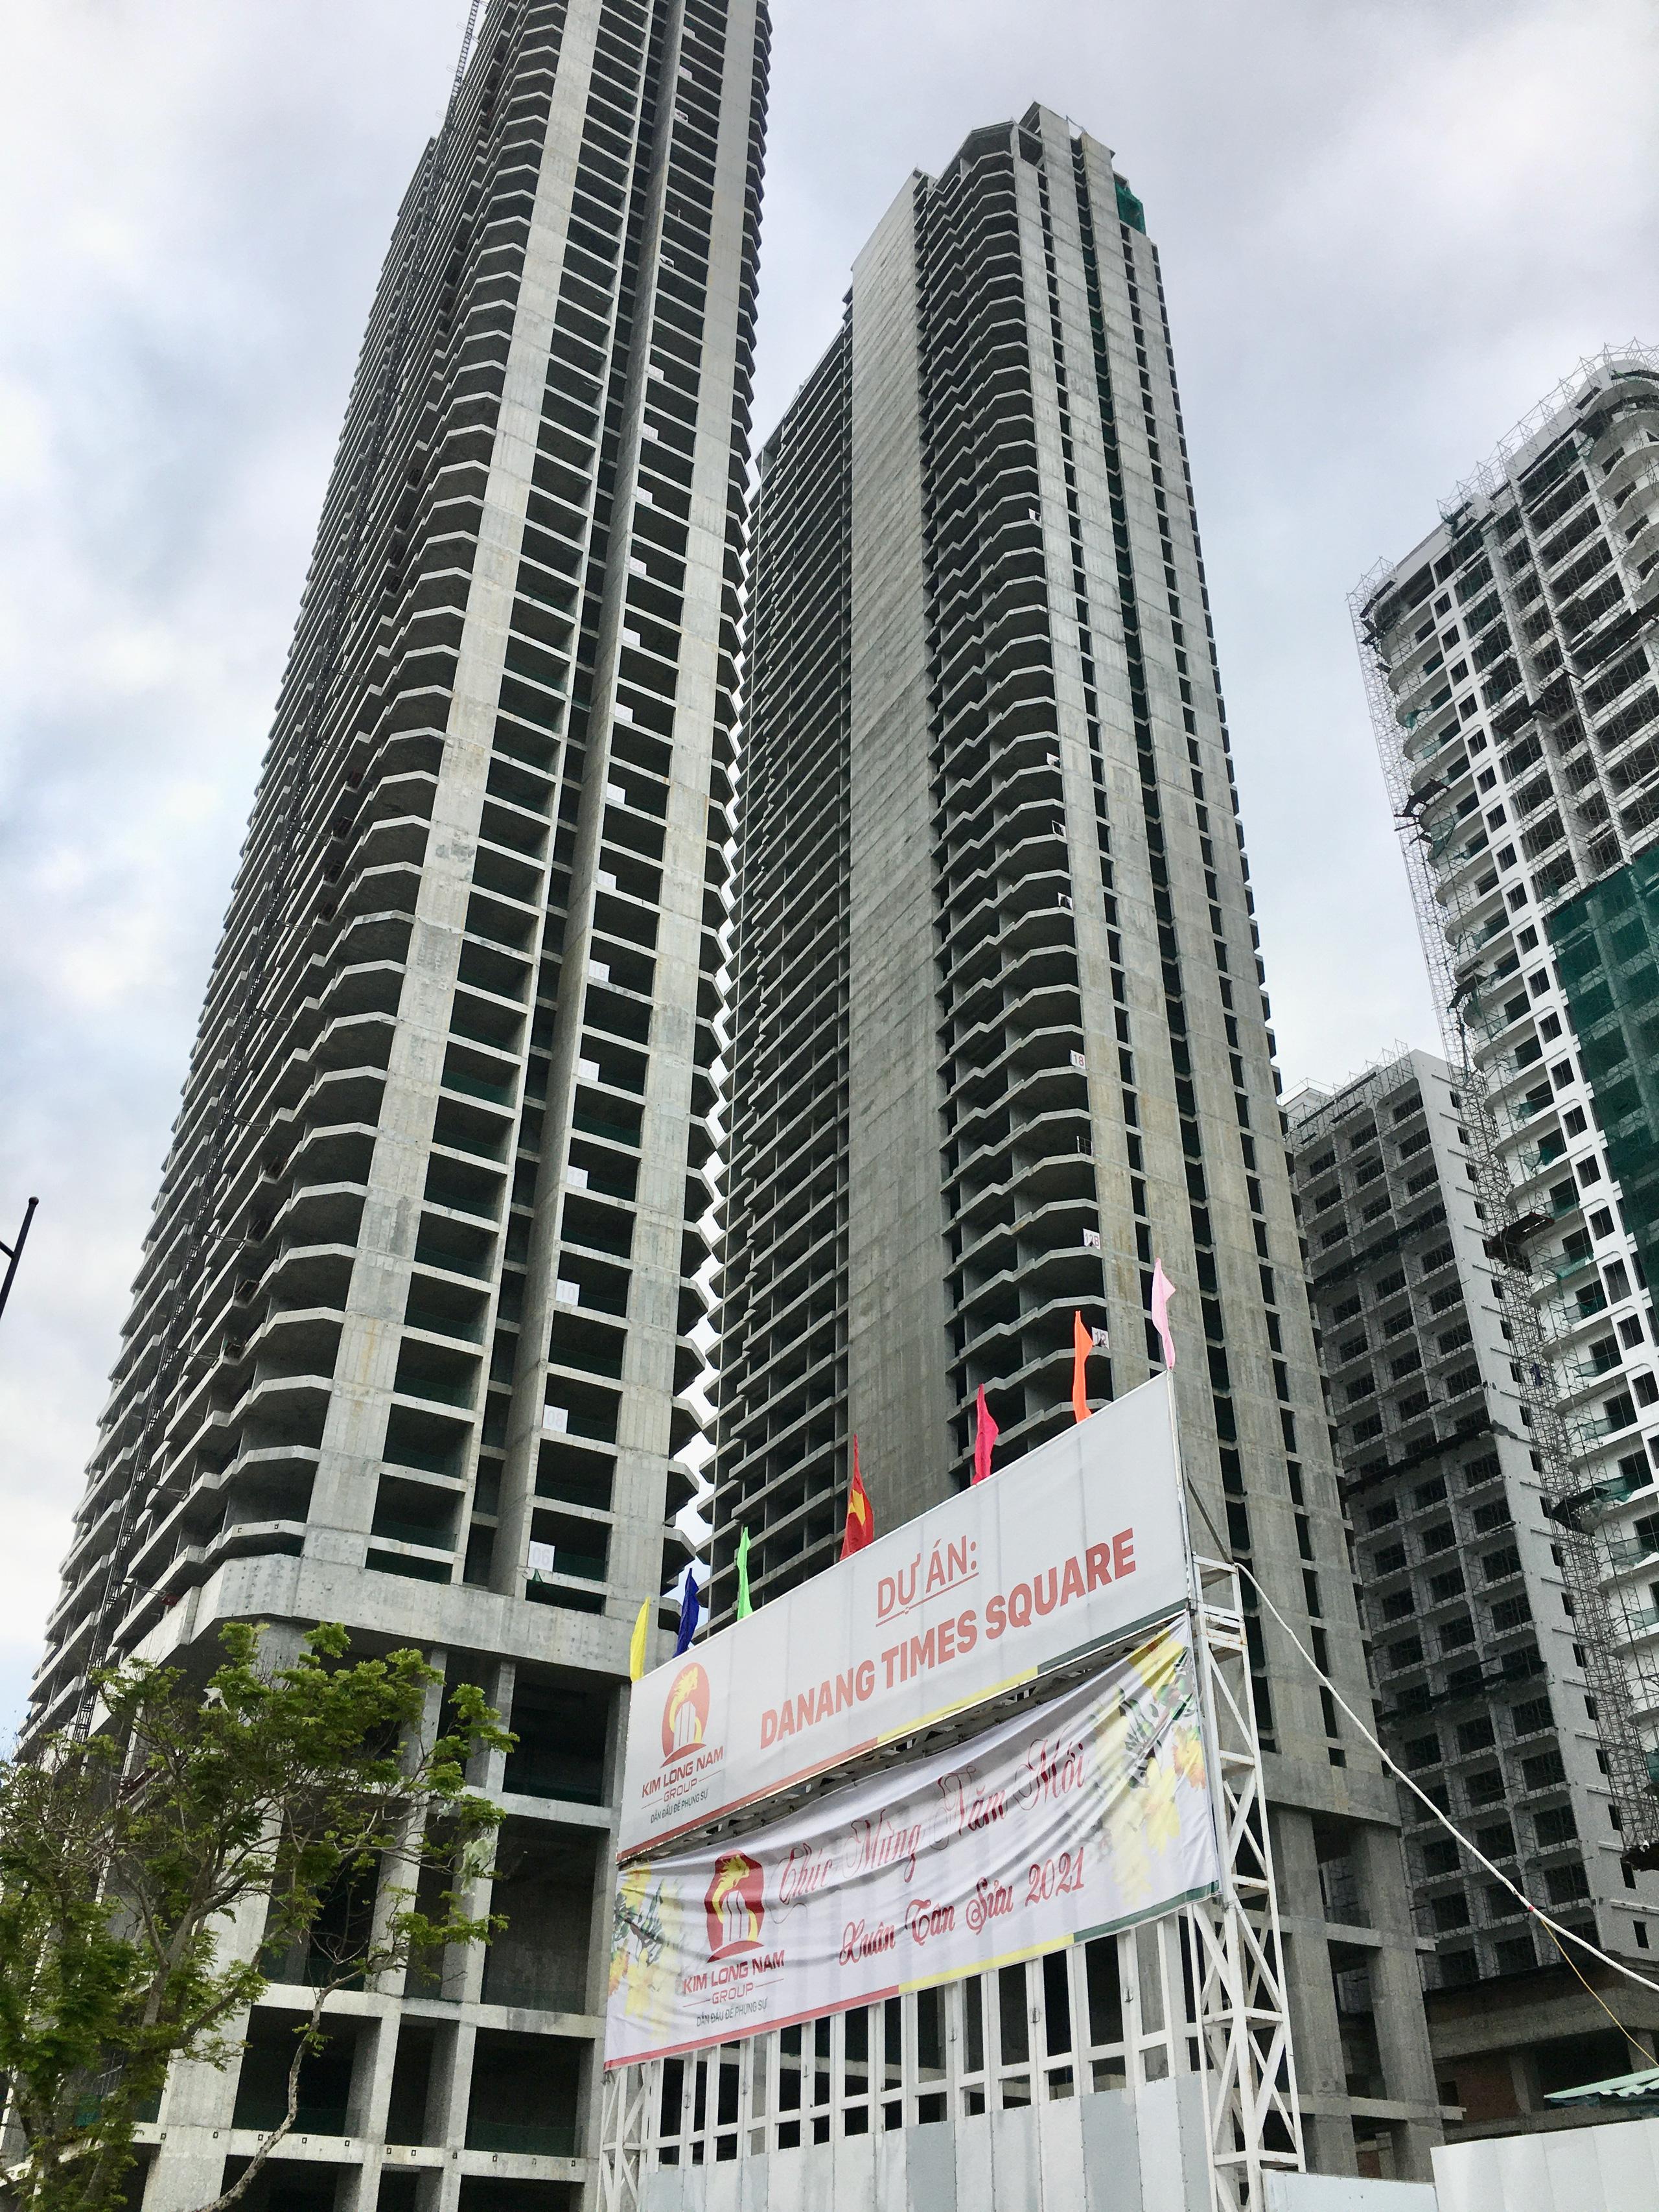 Dự án Da Nang Times Square xin chuyển hàng nghìn căn condotel sang chung cư - Ảnh 8.